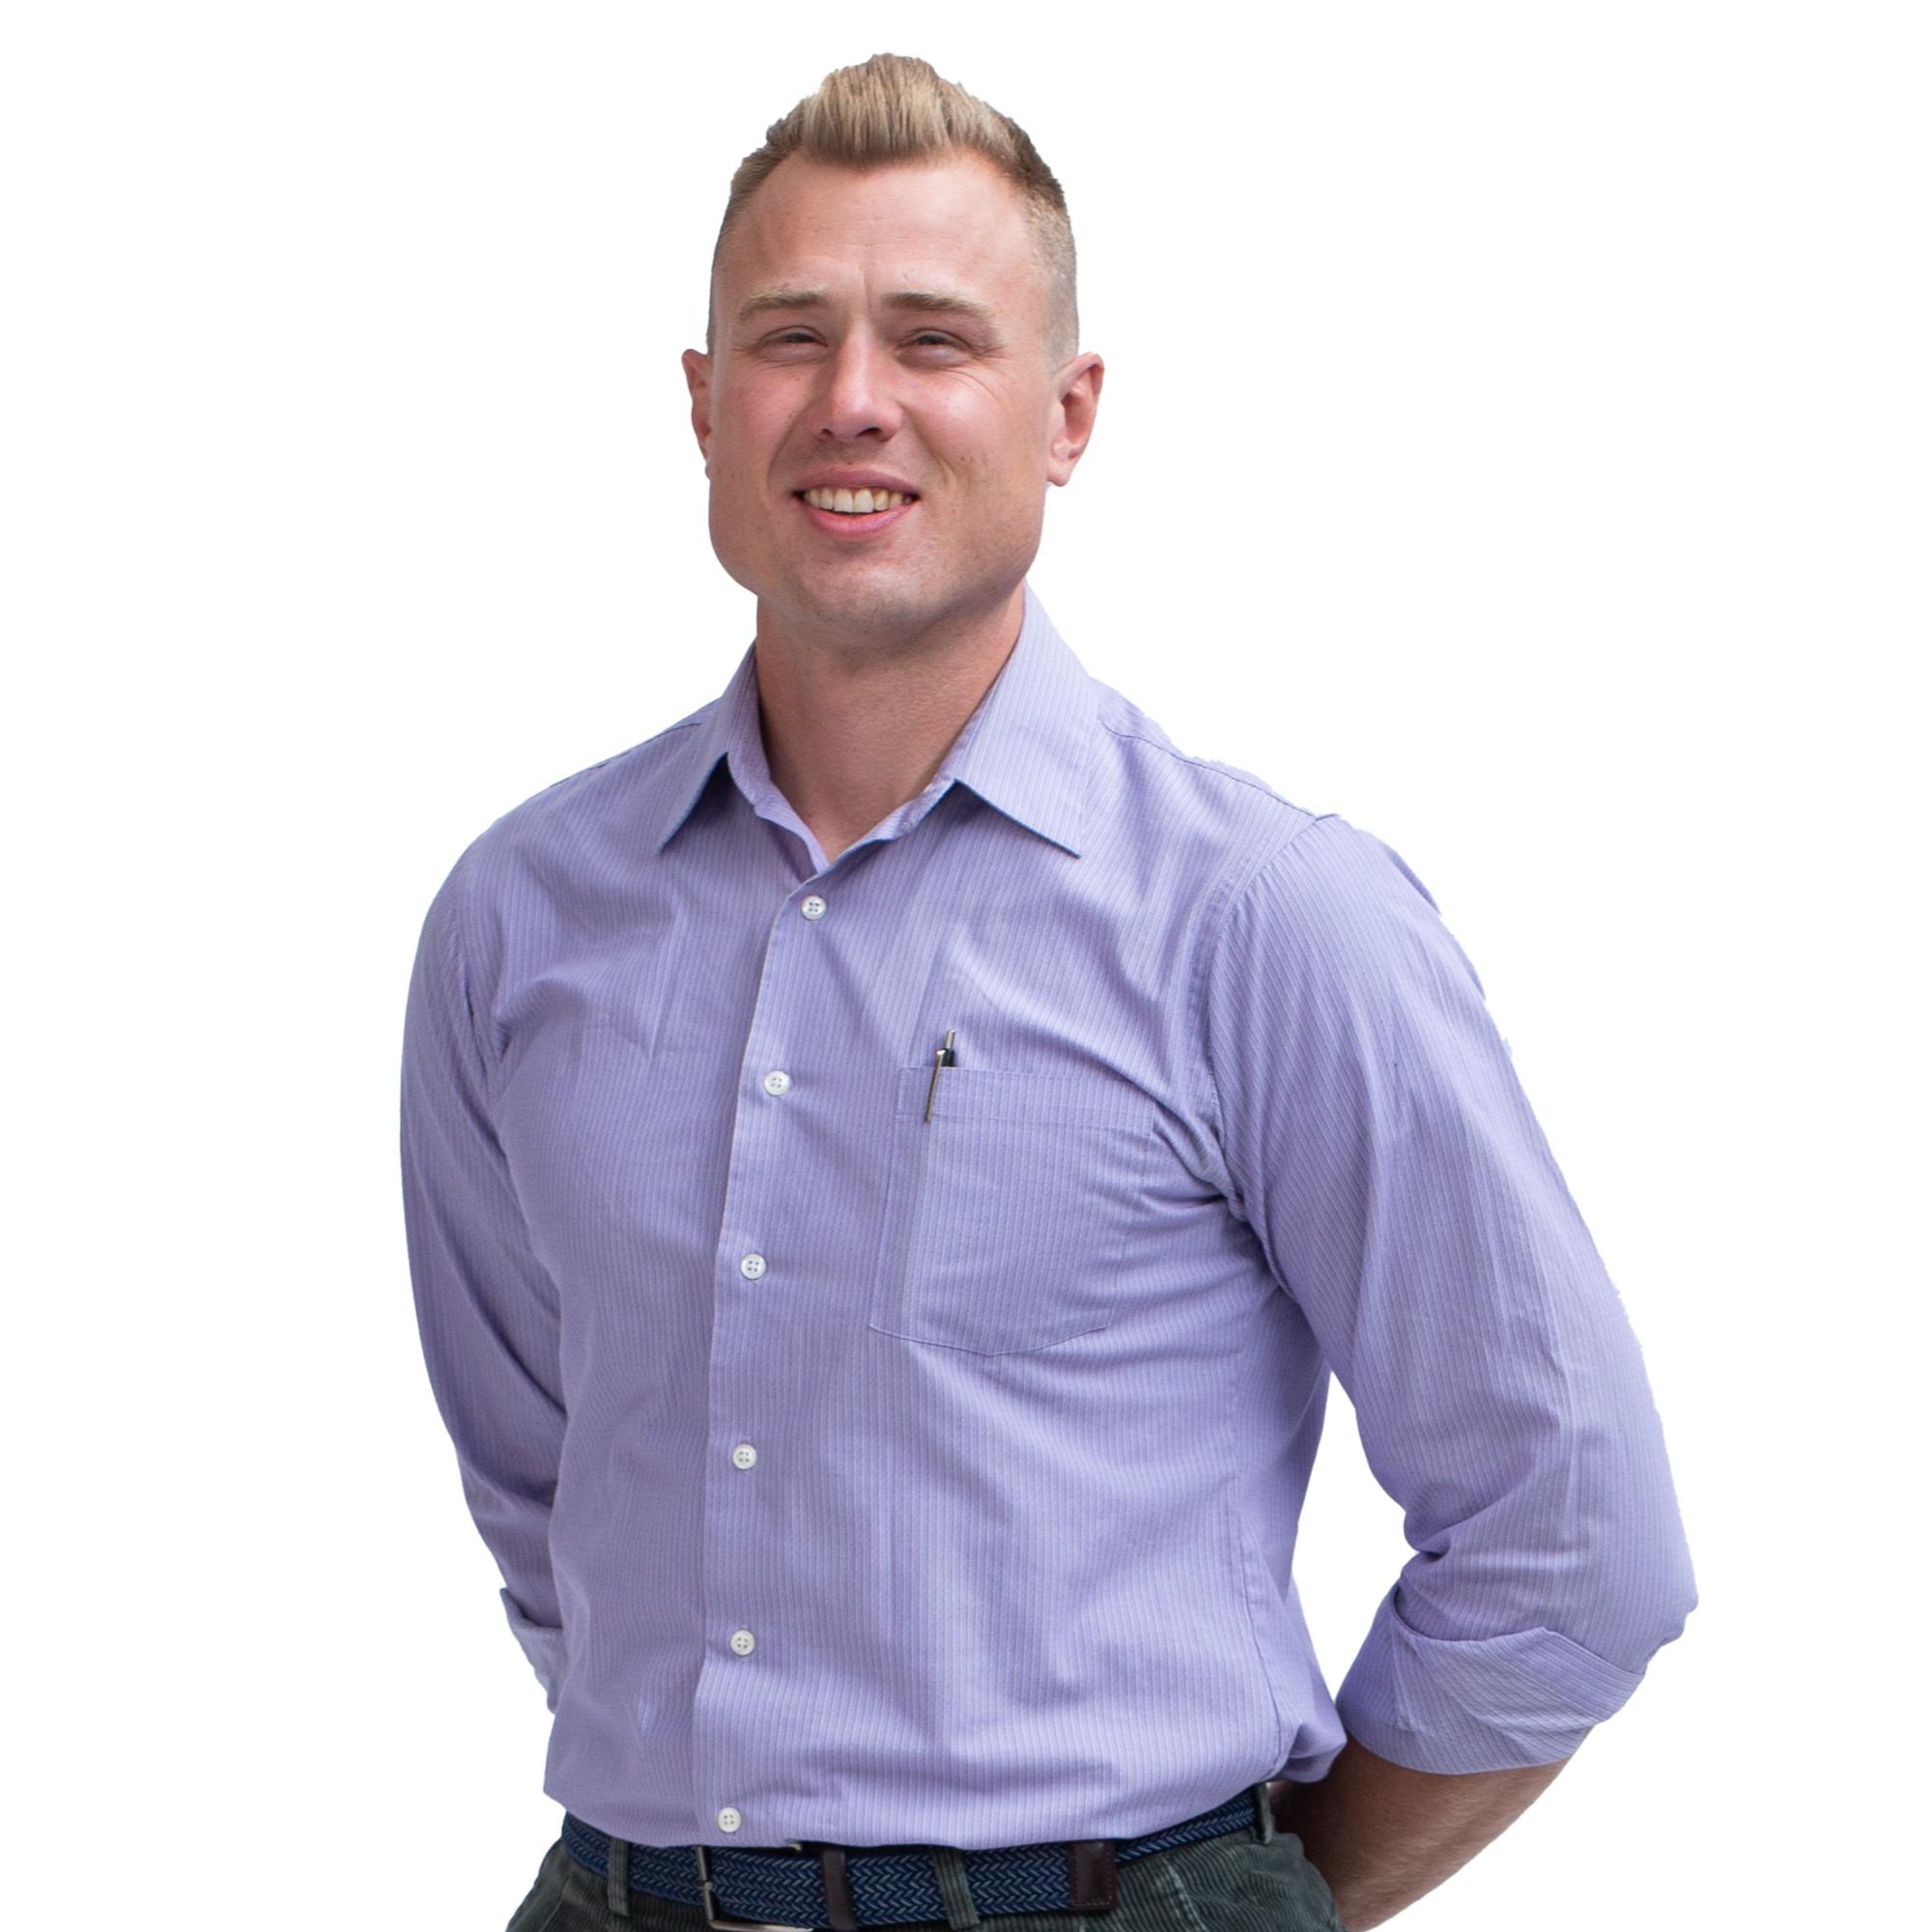 Aaron Vandenbos